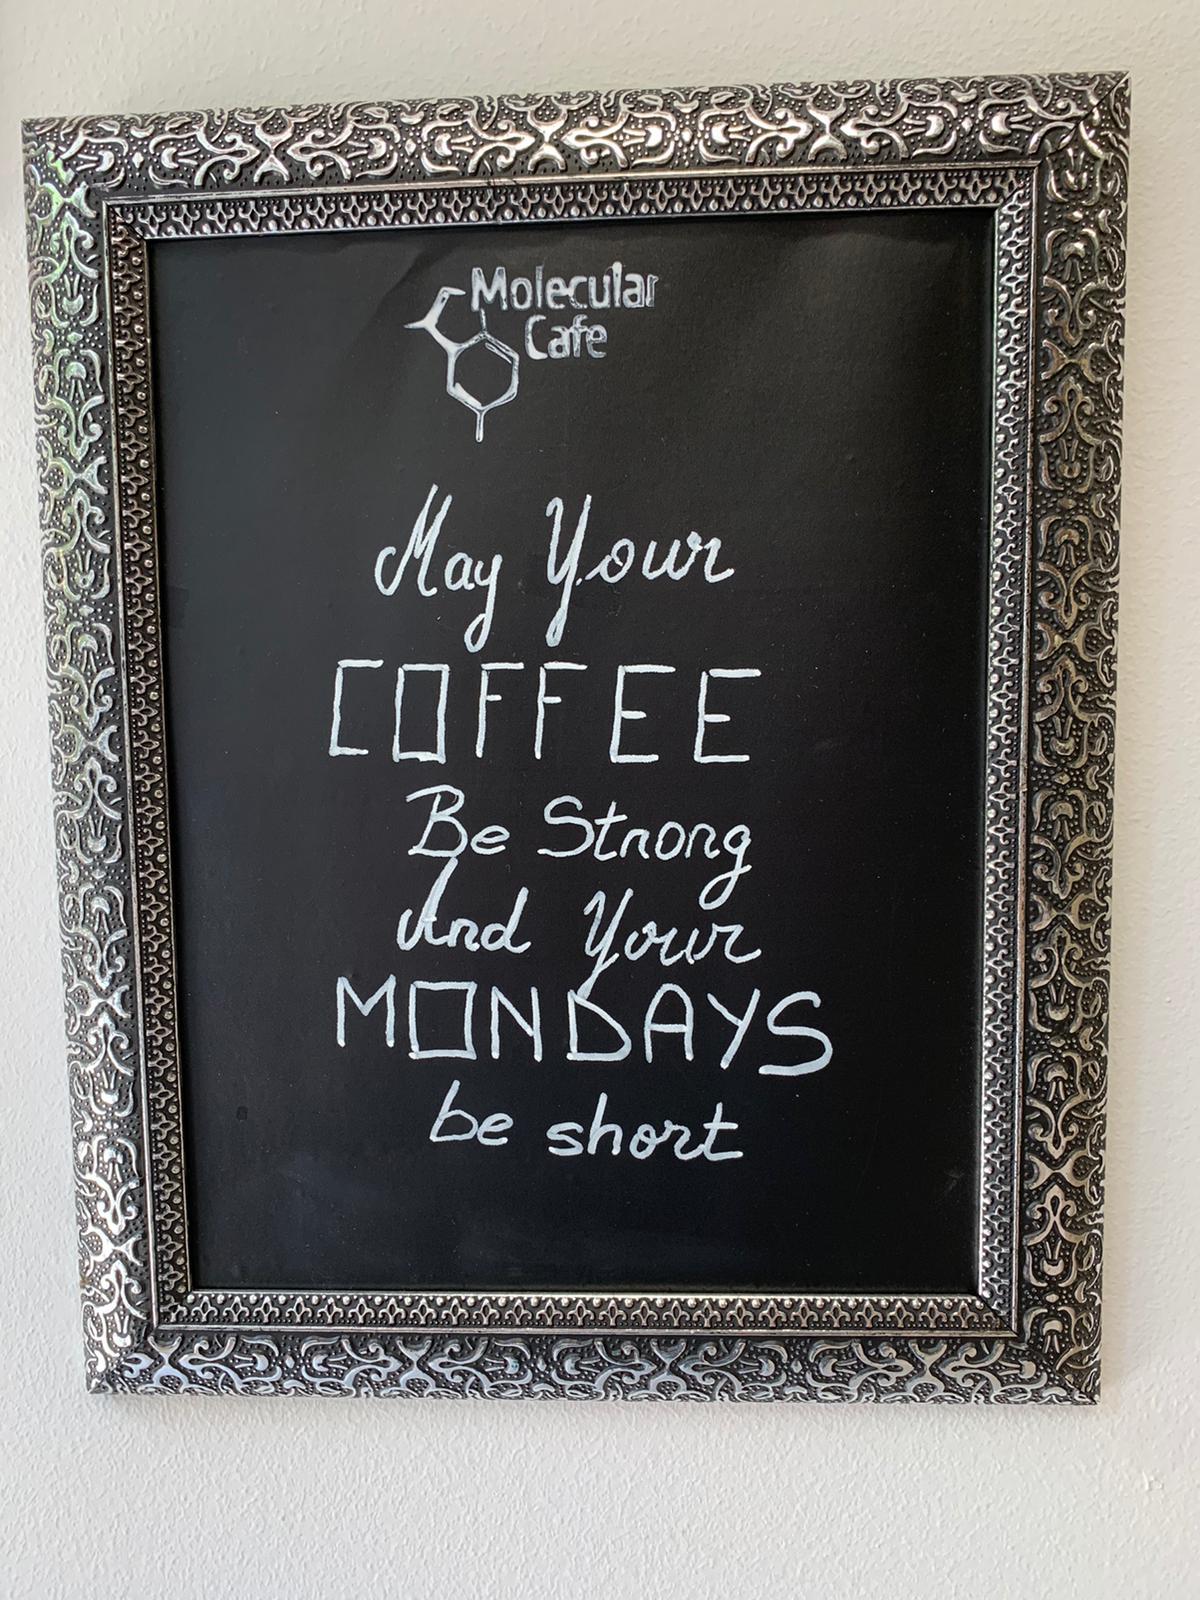 foodcrew-molecular-cafe-monday